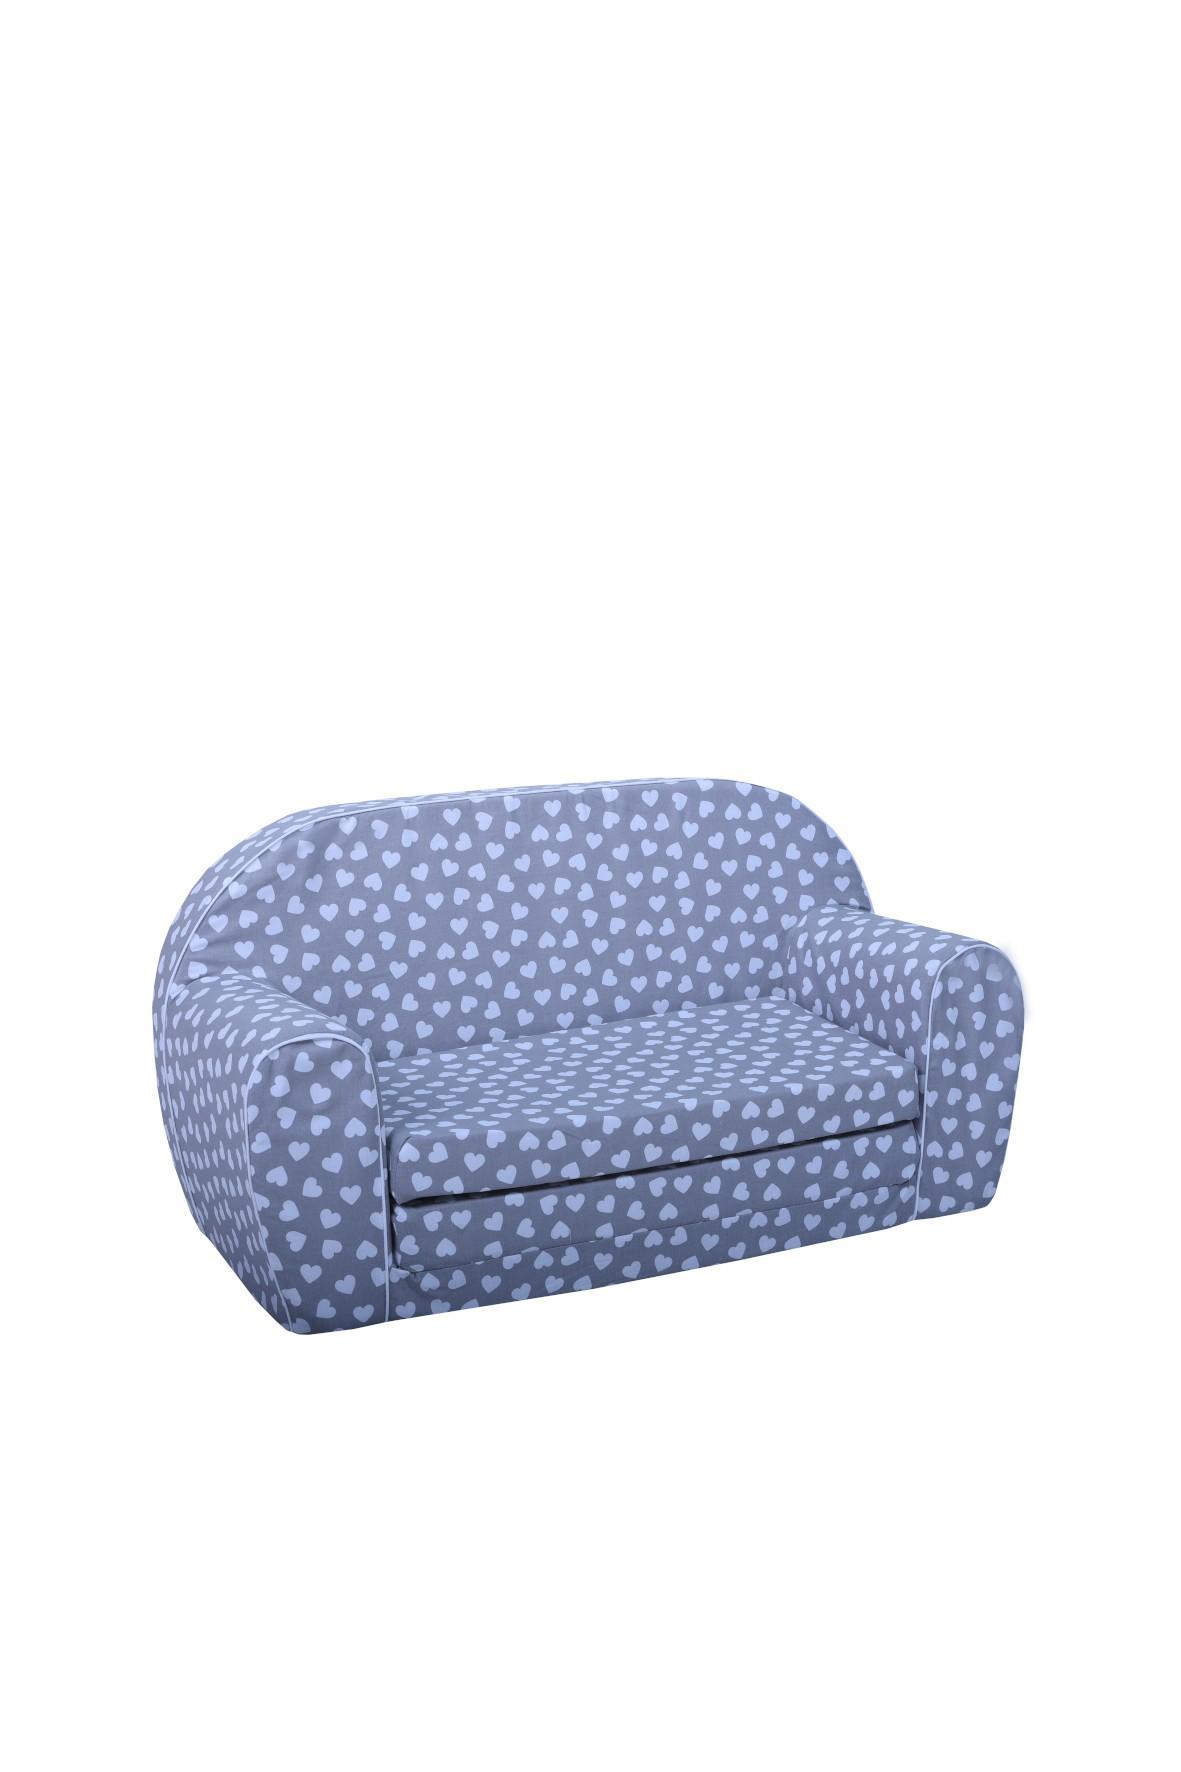 Niebieska sofa w serduszka